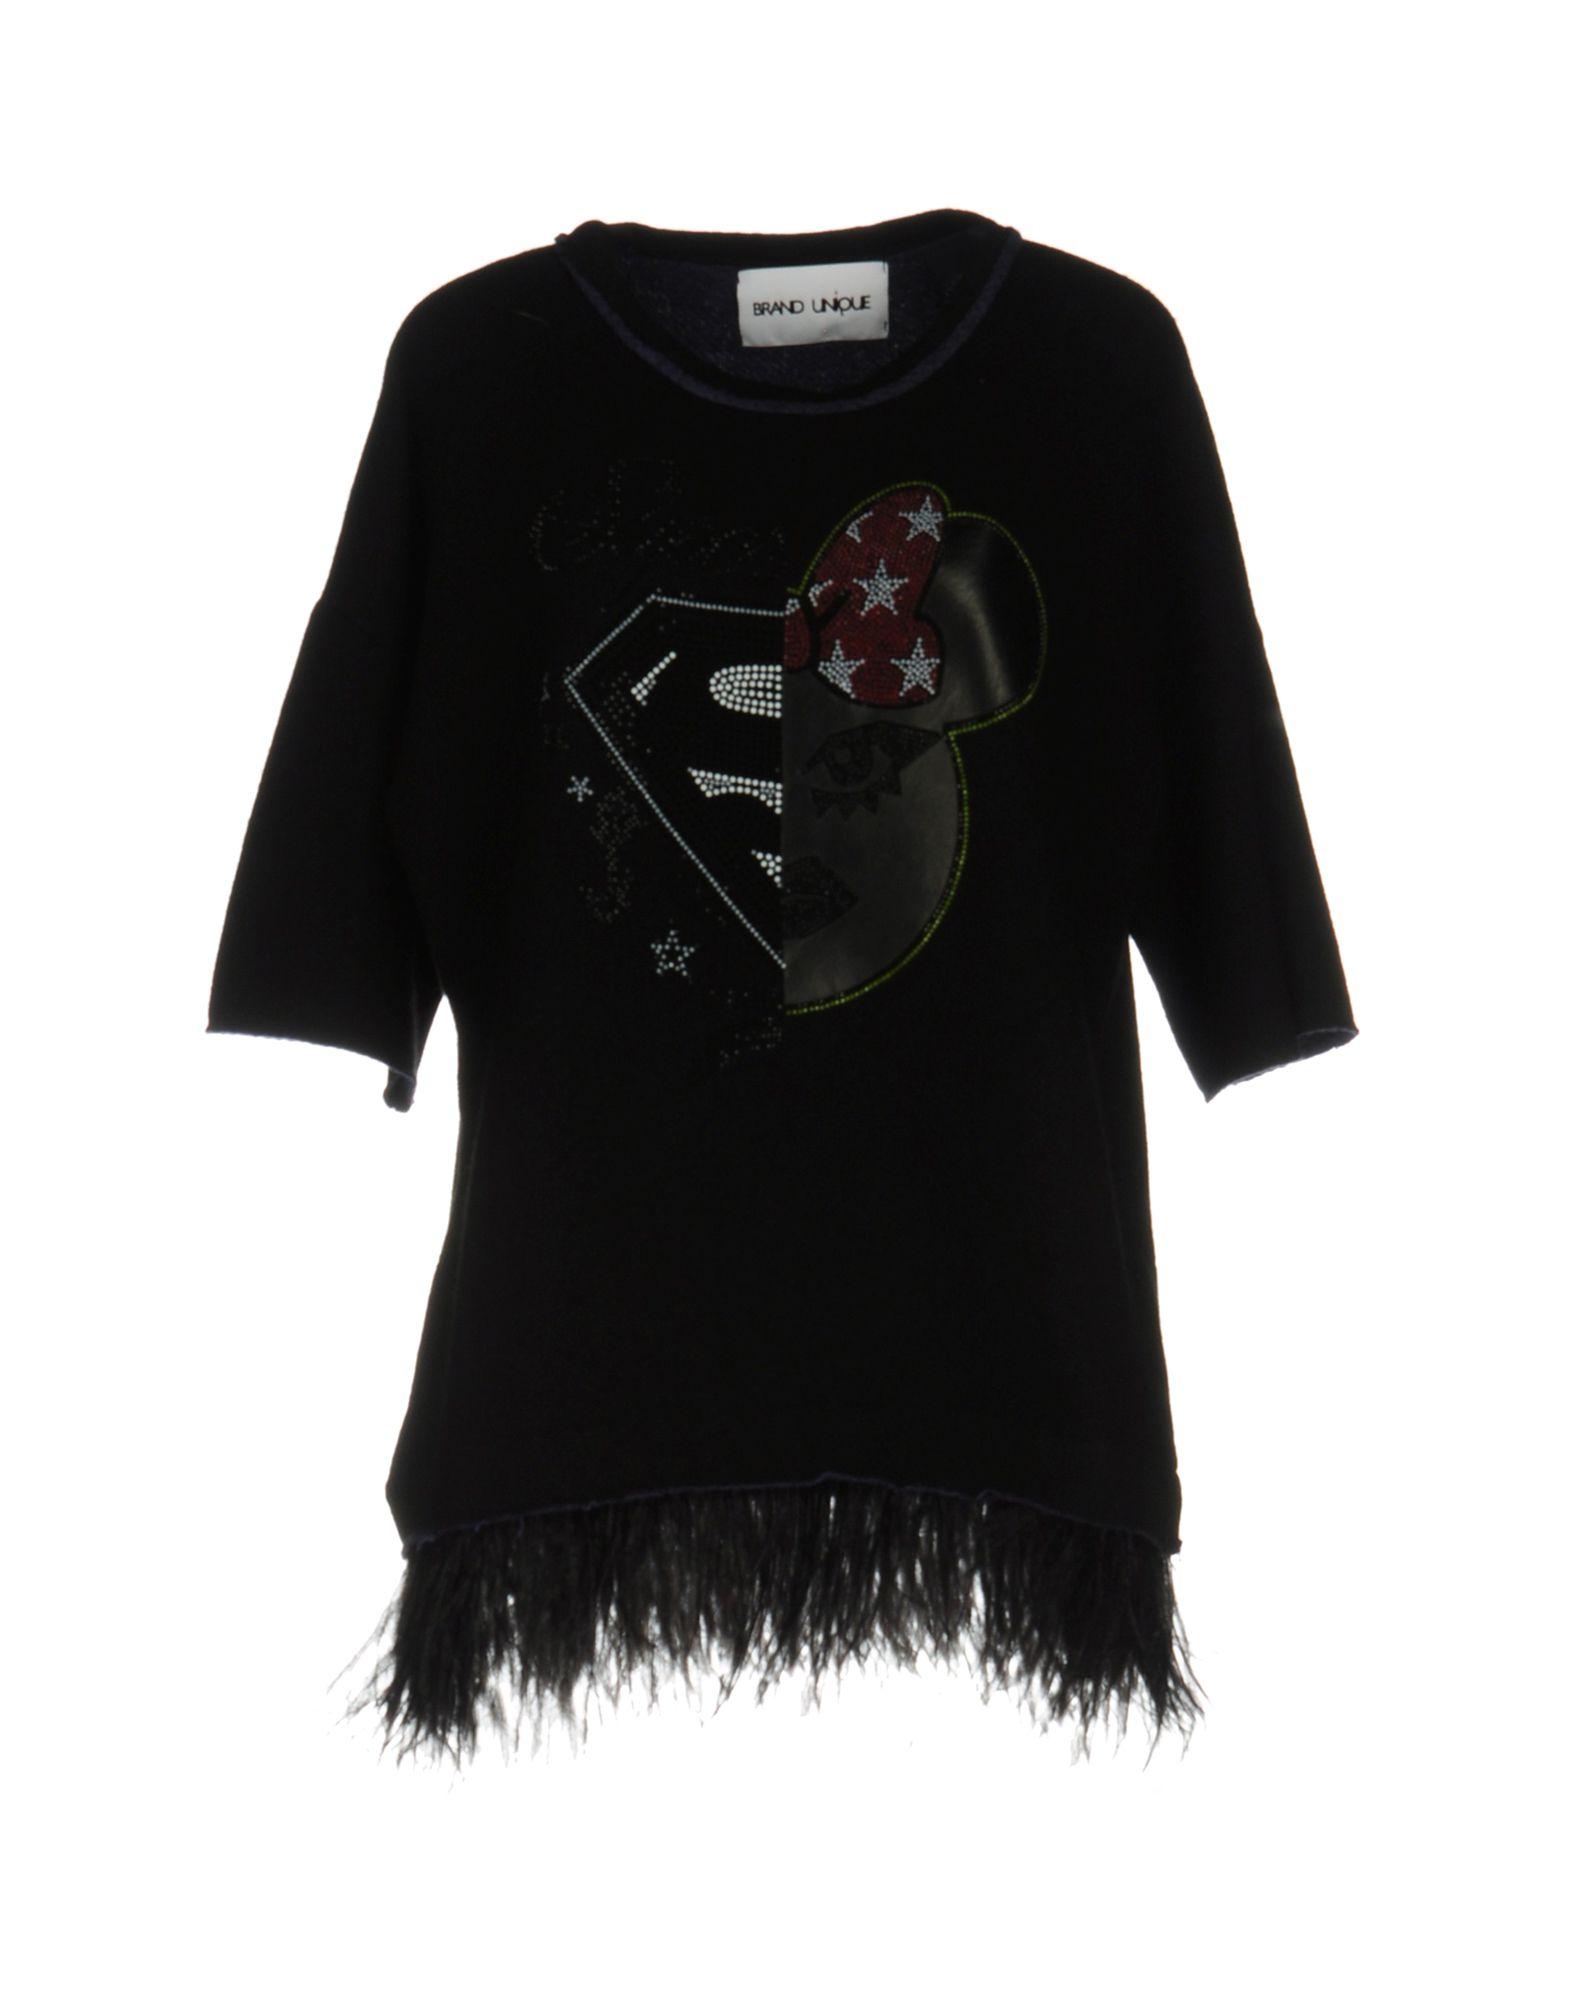 BRAND UNIQUE Damen Pullover Farbe Schwarz Größe 3 jetztbilligerkaufen